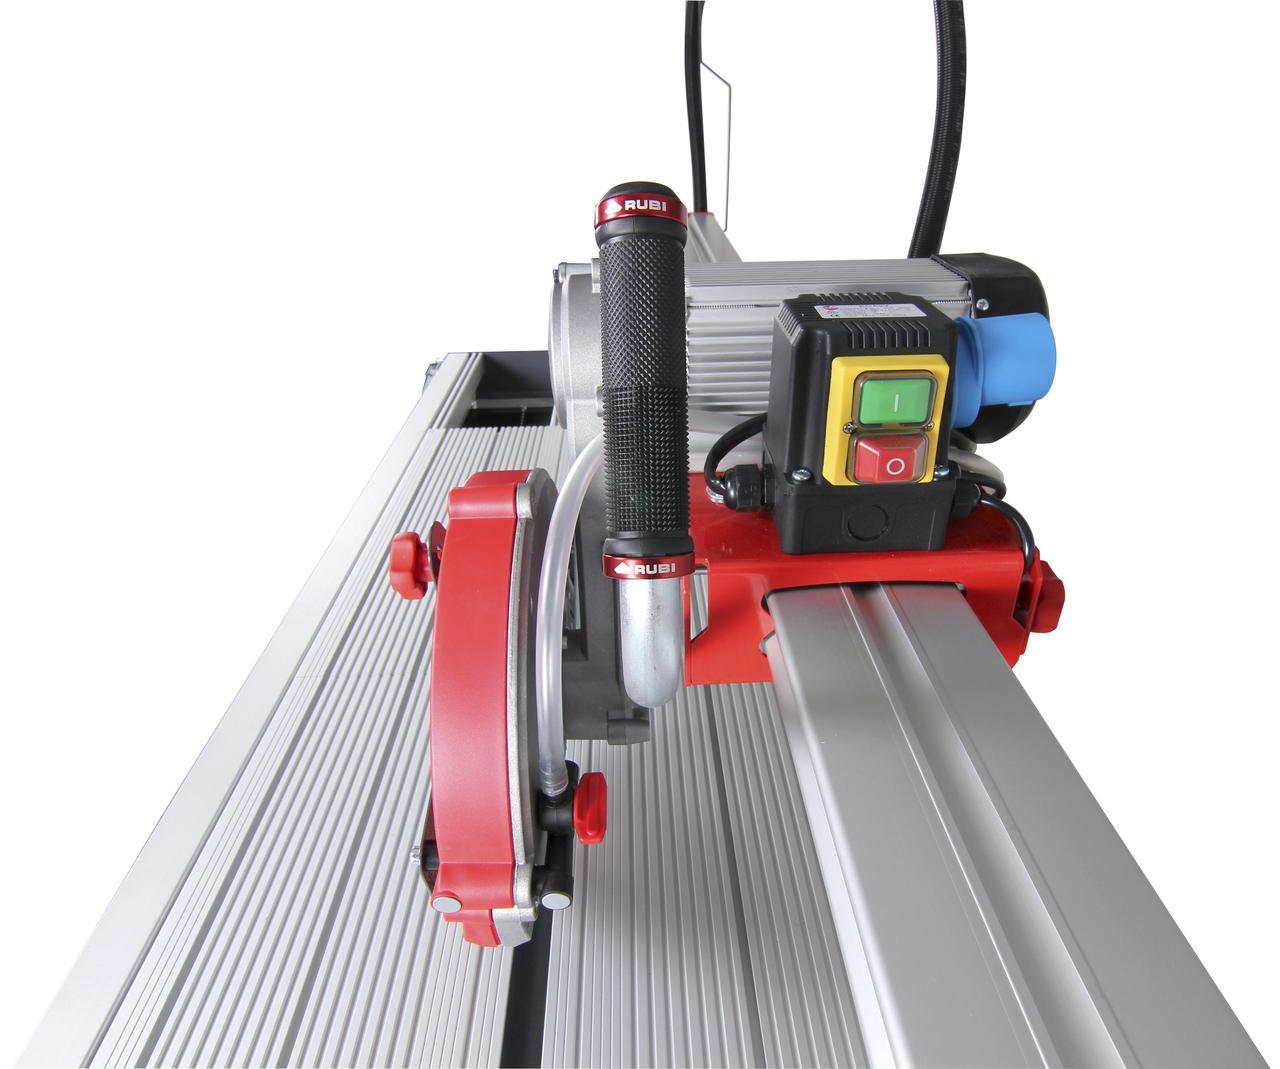 dx 250 plus laser level schneidmaschine rubi tools deutschland rubi werkzeuge und. Black Bedroom Furniture Sets. Home Design Ideas